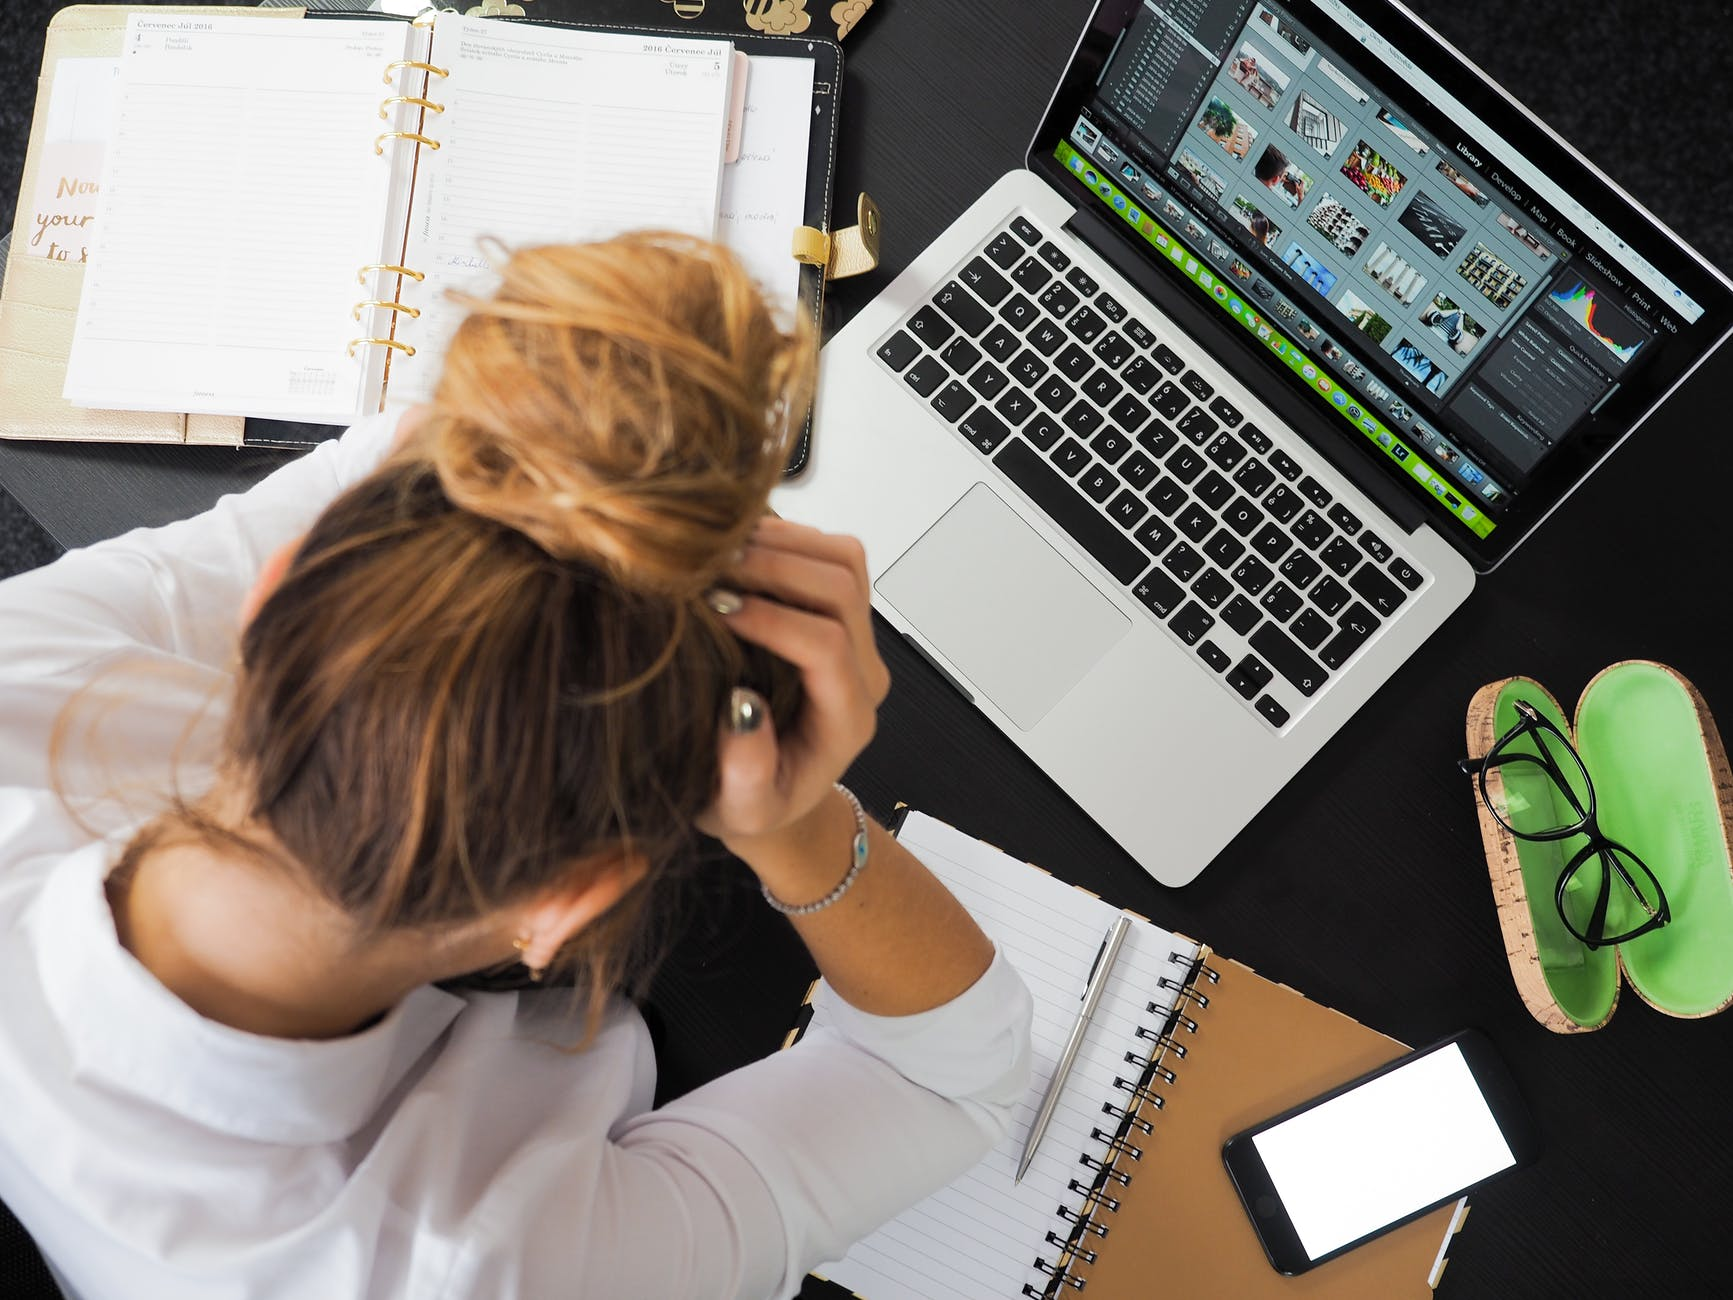 ¿Por qué el estrés del teletrabajo afecta más a las mujeres?